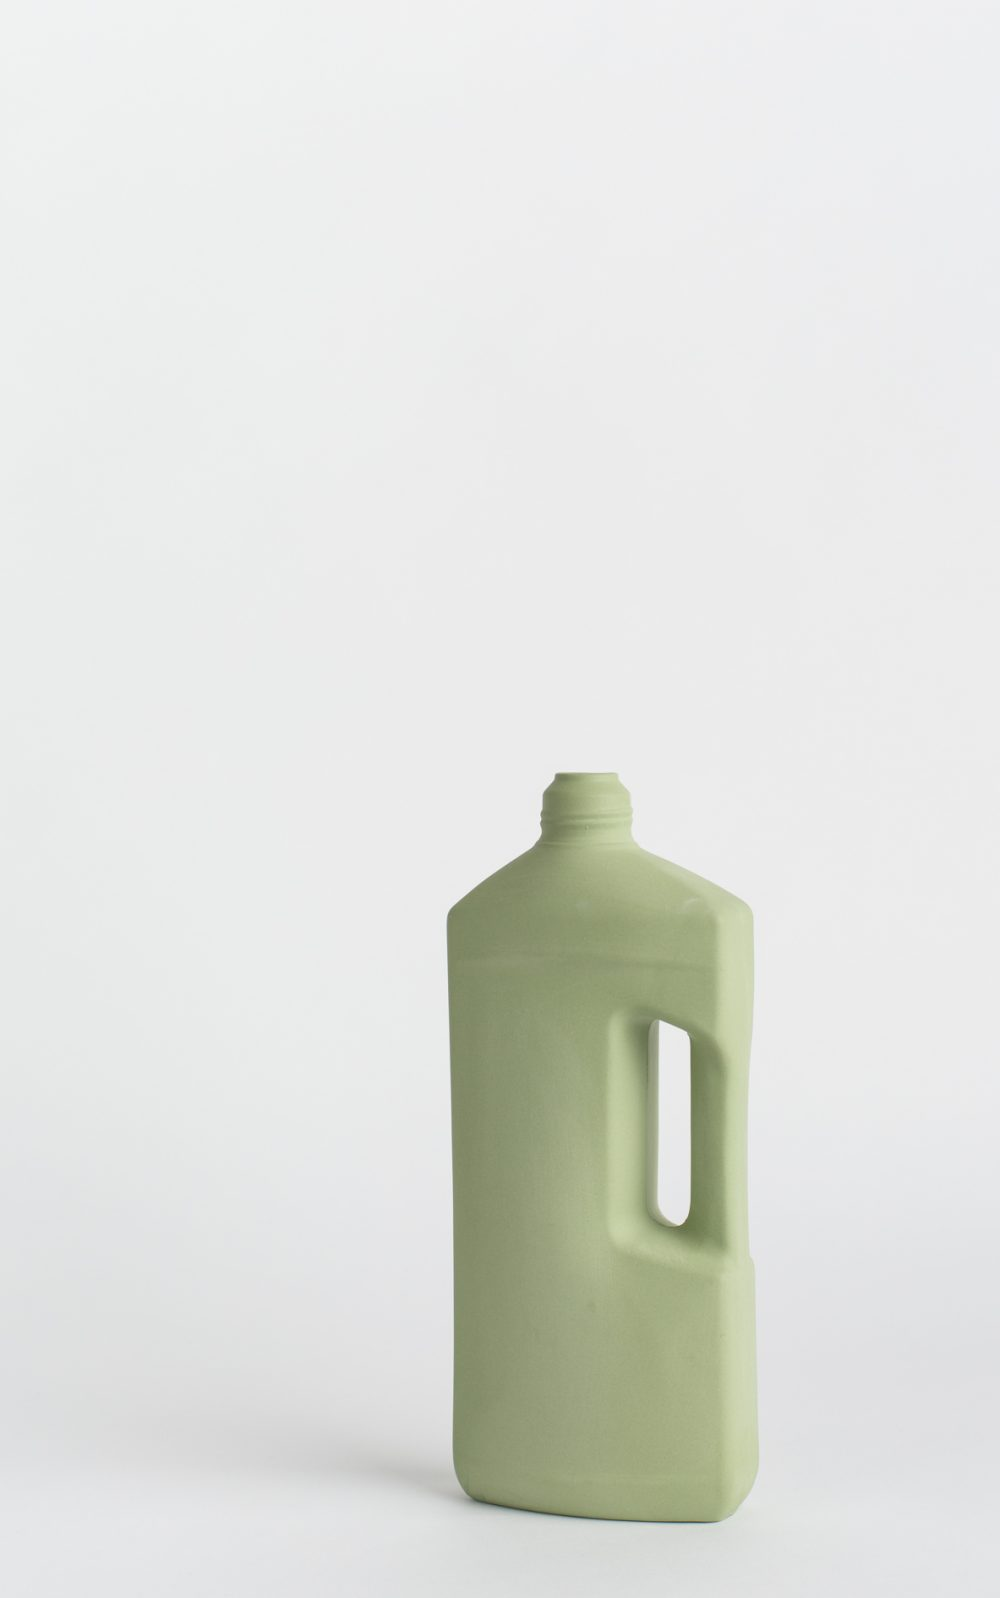 bottle vase #3 dark green